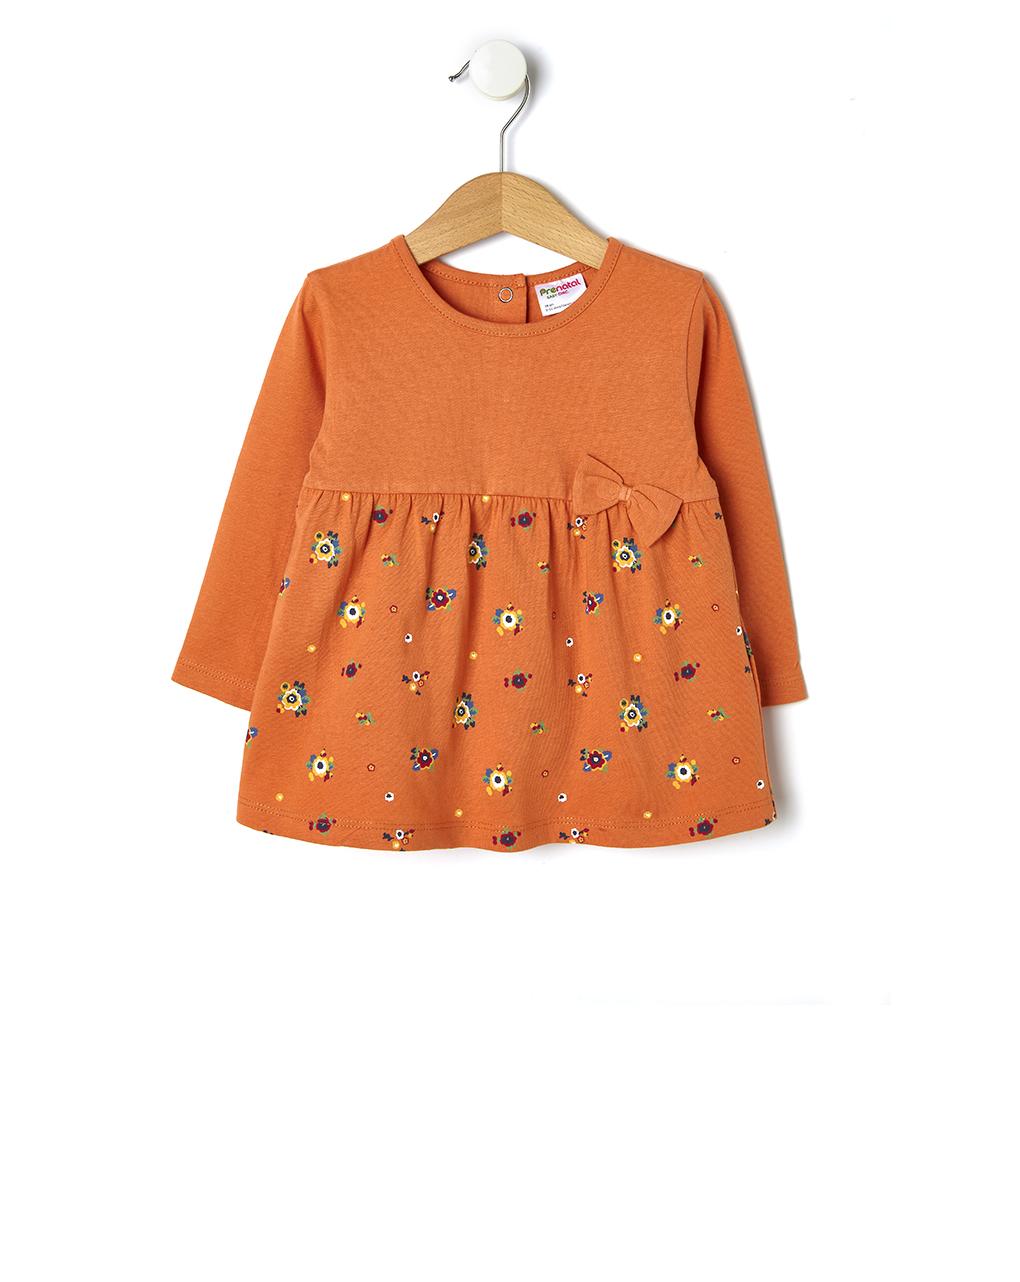 Μπλούζα Μακρυμάνικη Βαμβακερή με Λουλούδια για Κορίτσι